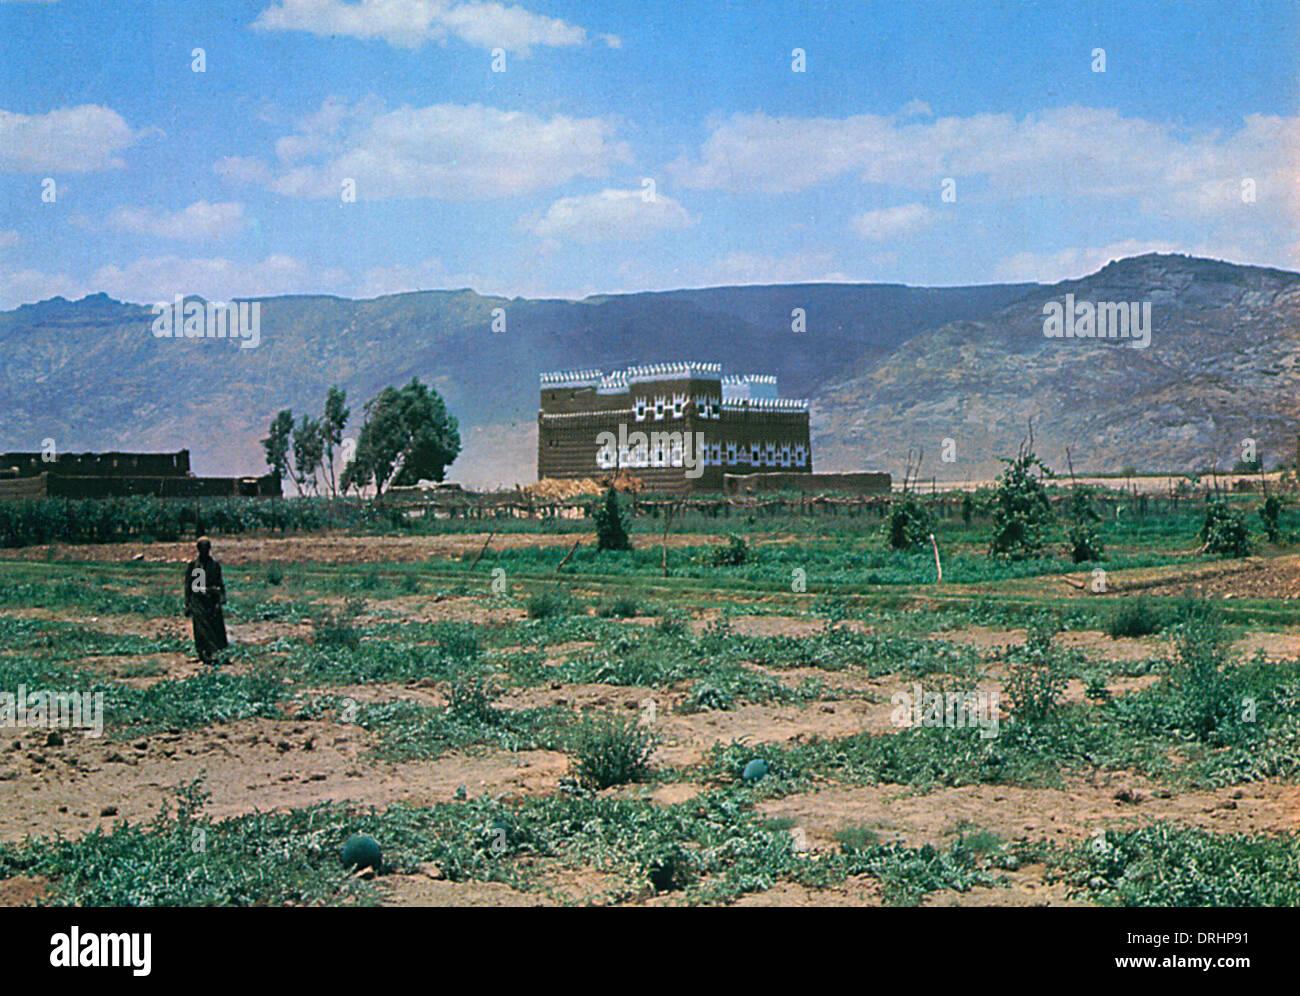 Saudi Arabia - A Farm in Wadi Najran - Stock Image